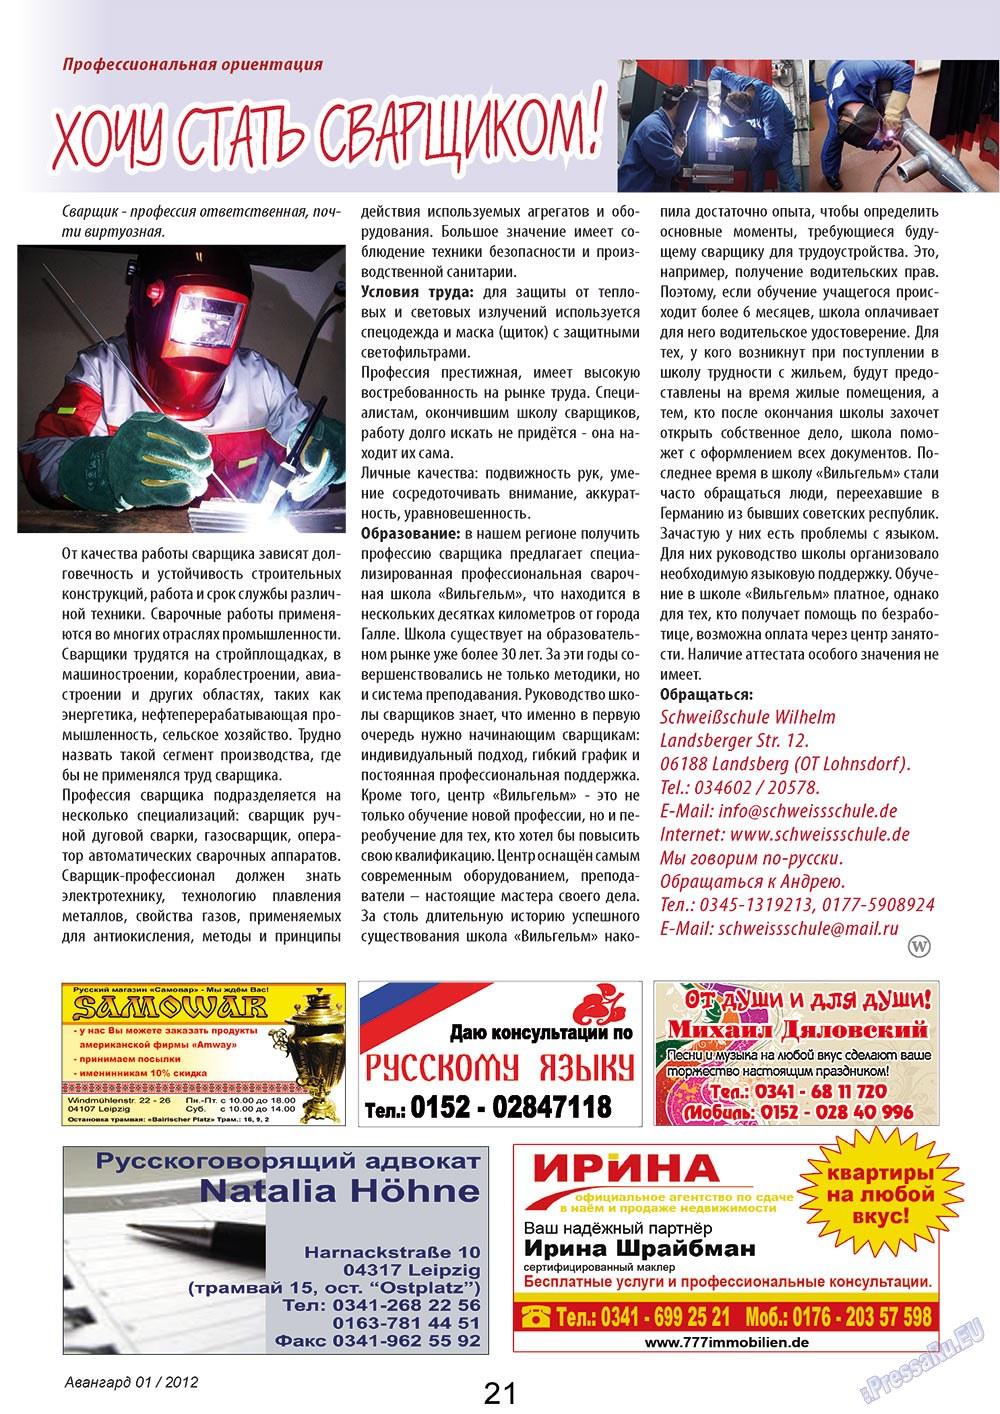 Авангард (журнал). 2012 год, номер 1, стр. 21